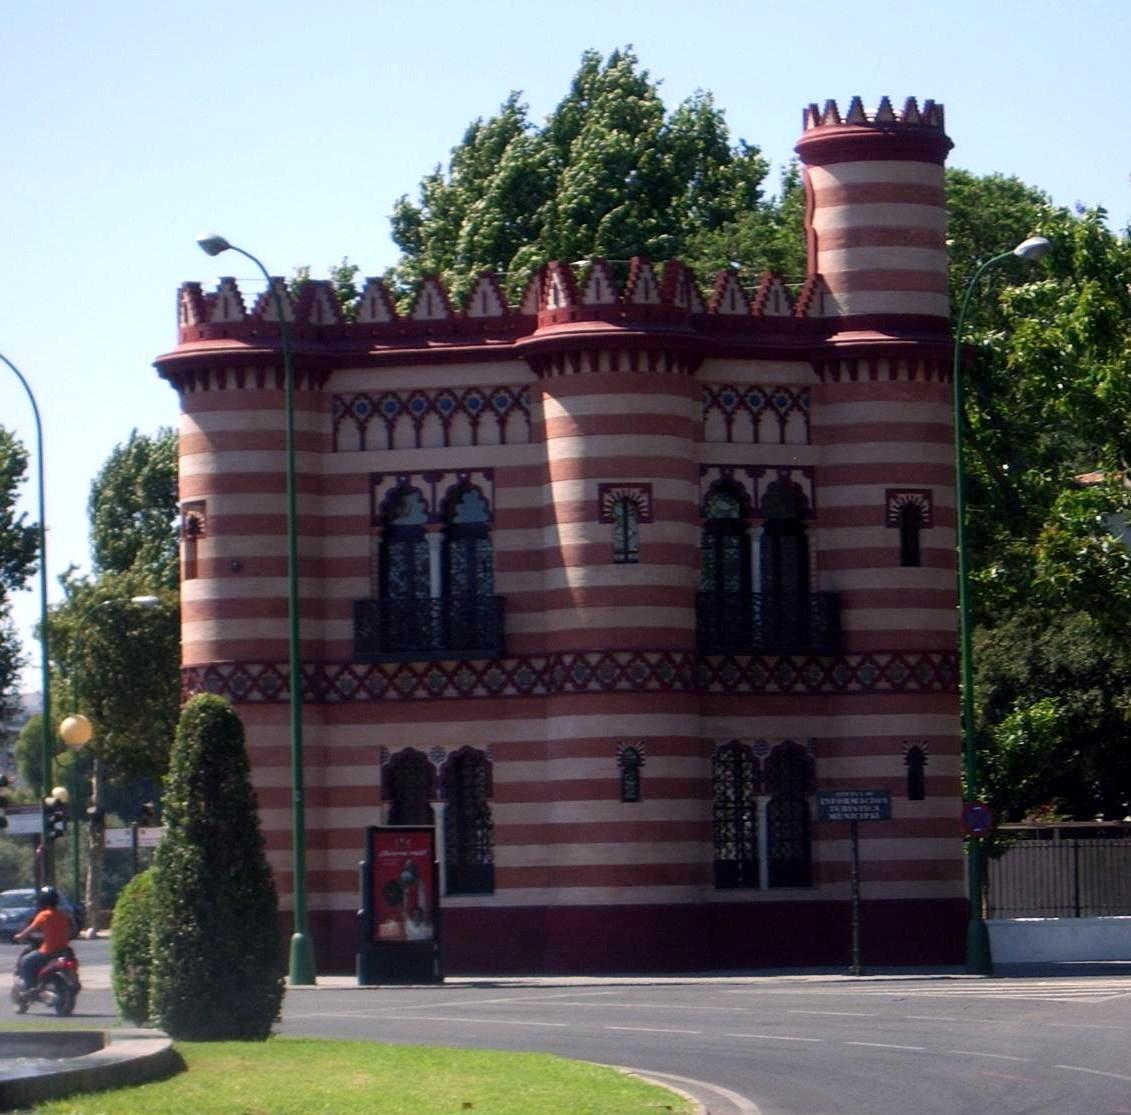 Costurero de la Reina (Sevilla) - Wikipedia, la enciclopedia libre